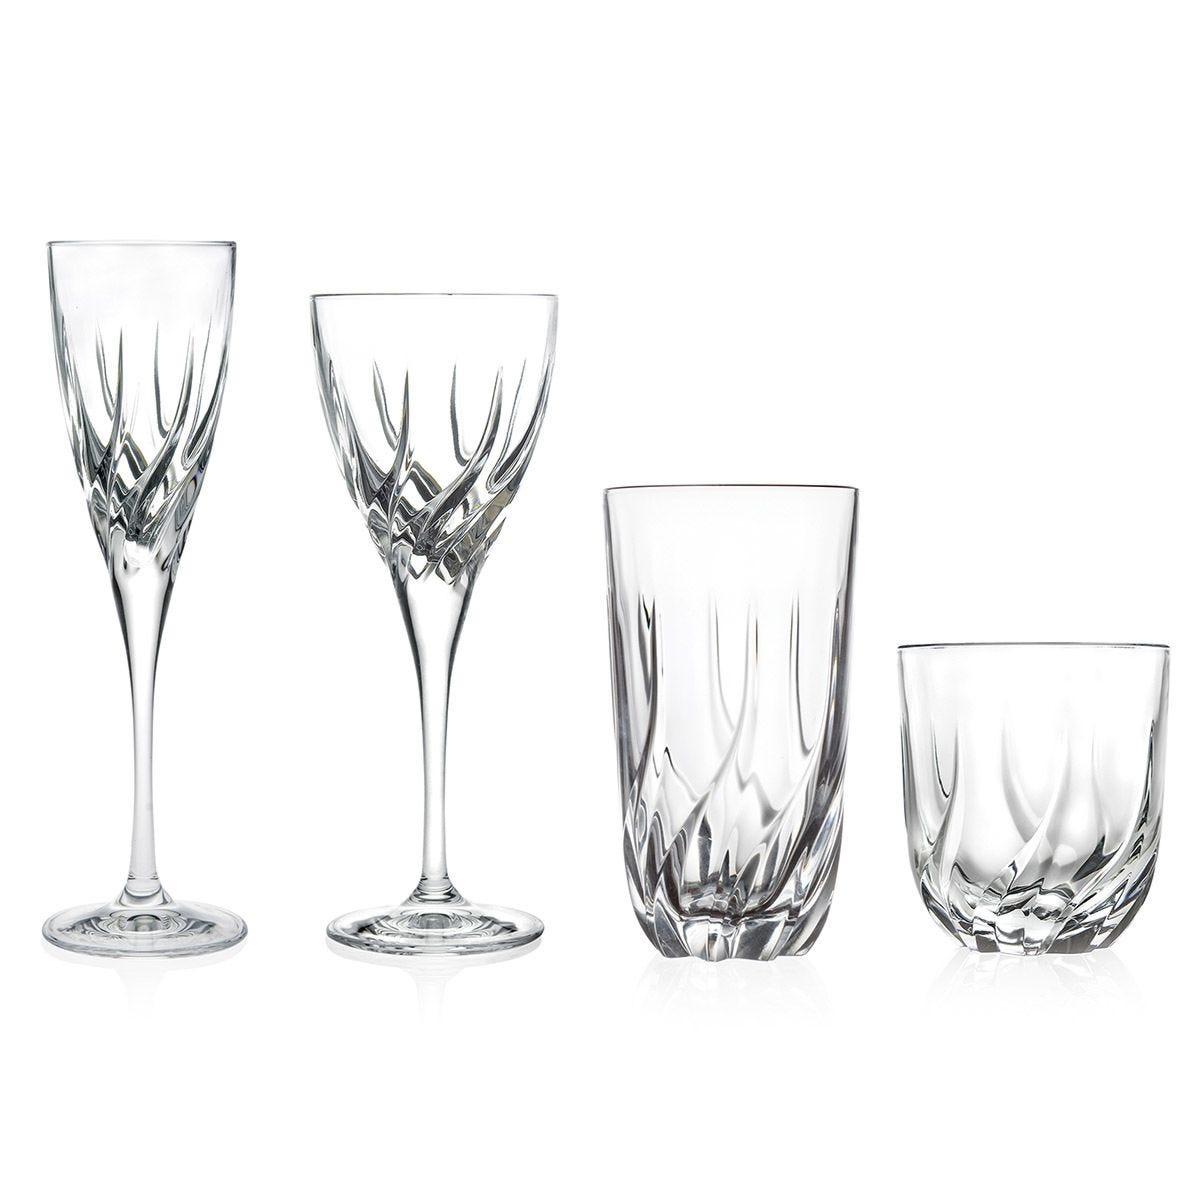 RCR Trix Luxion Crystal 24-Piece Glassware Set